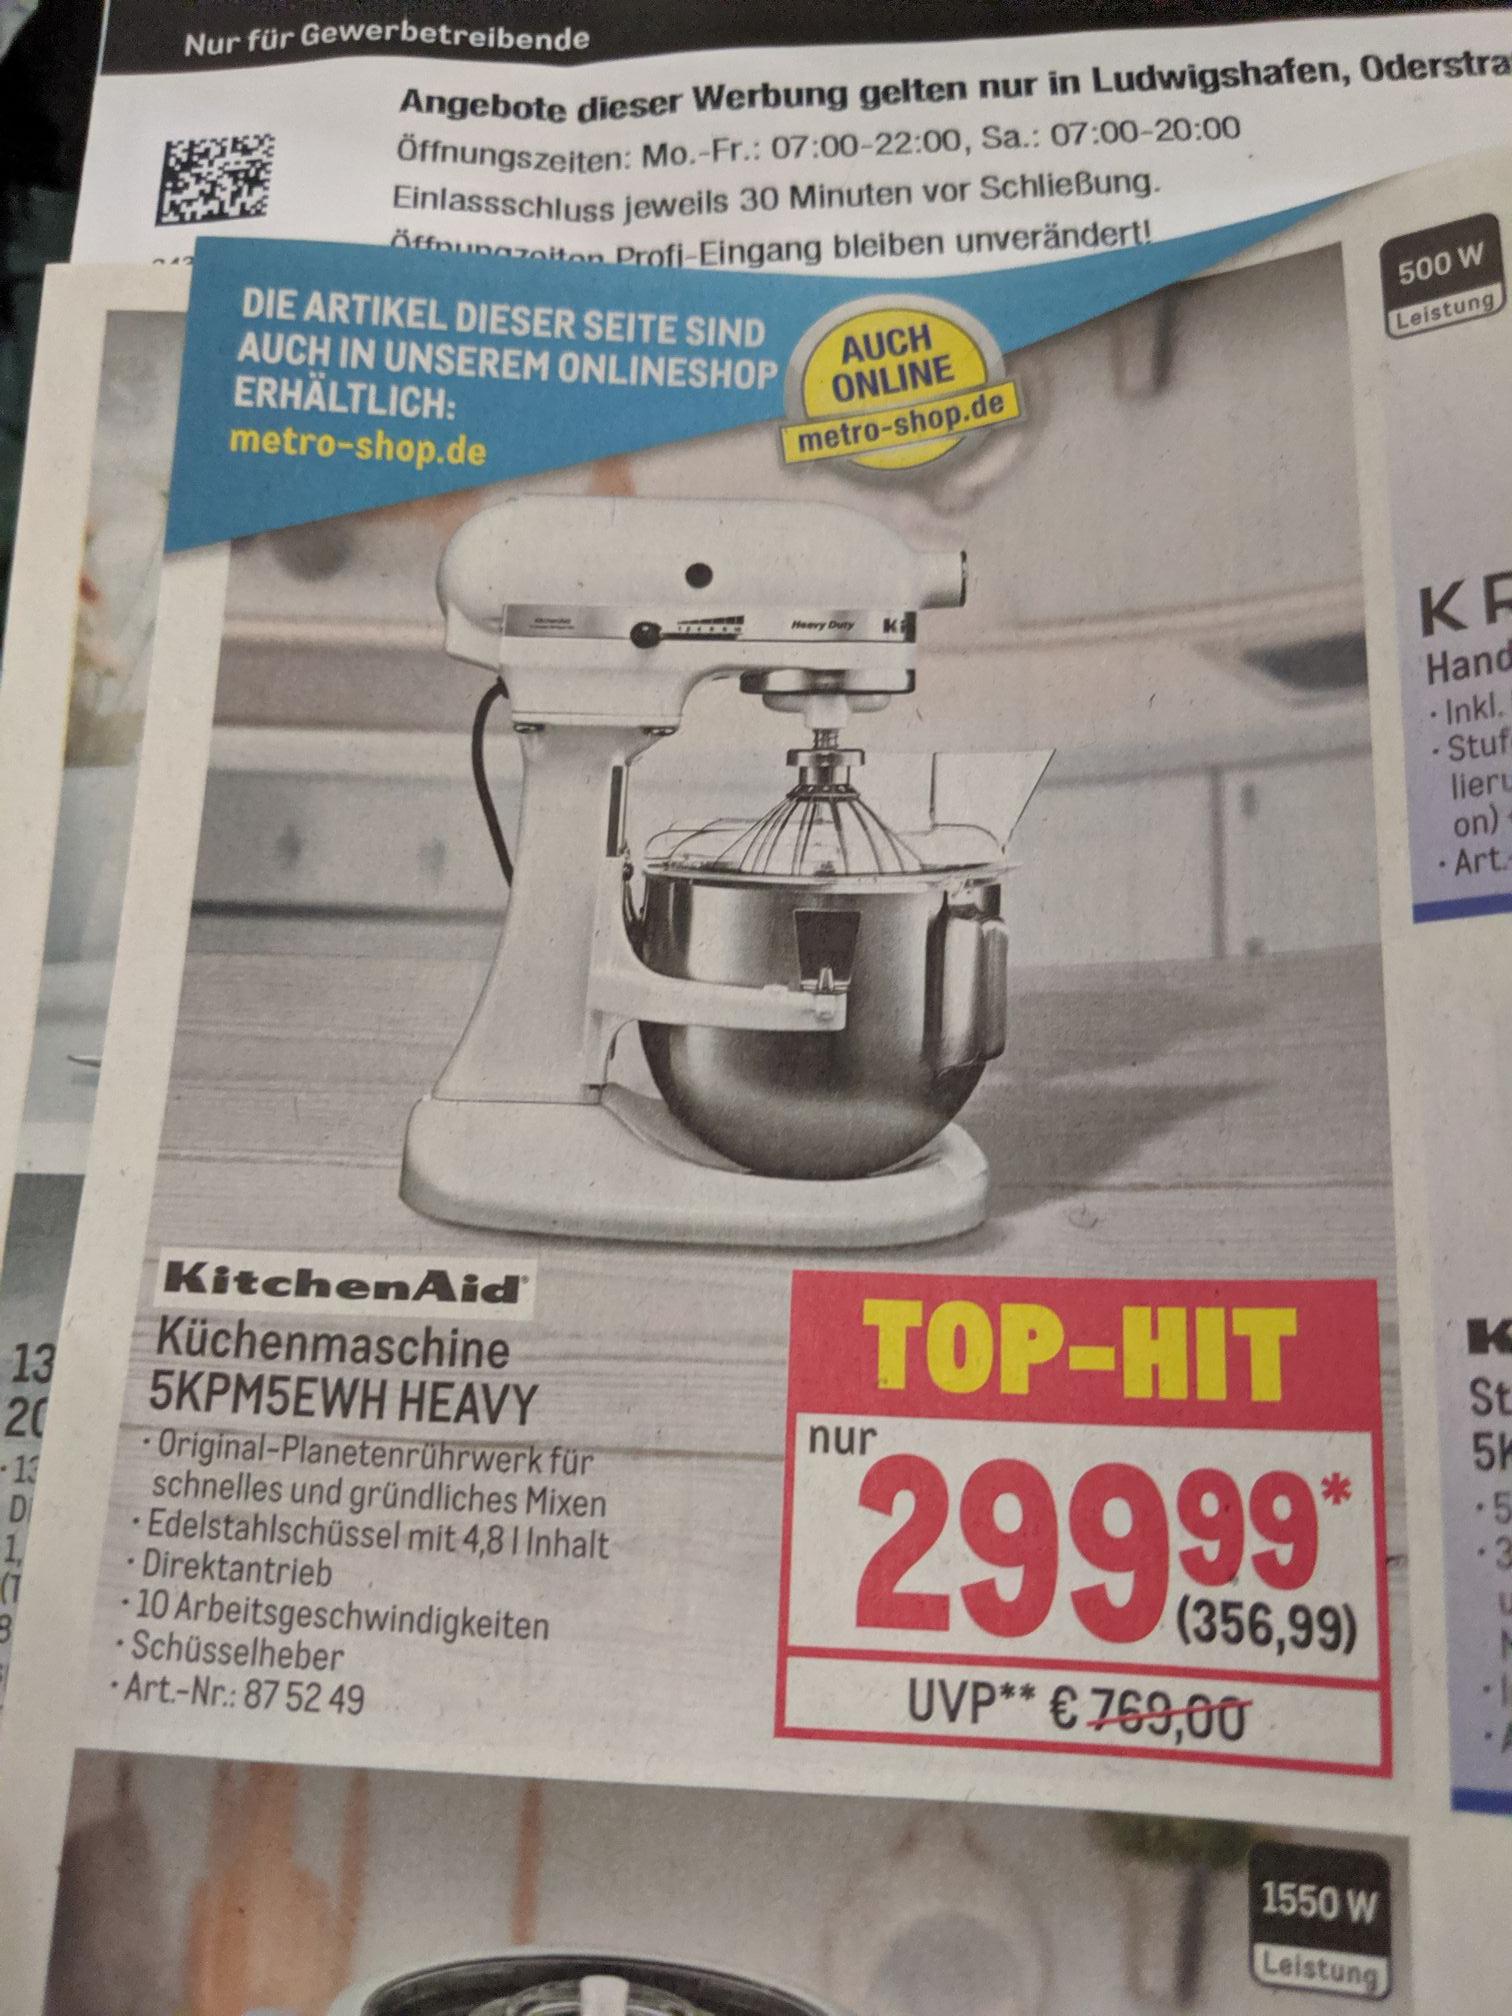 KitchenAid 5KPM5EWH HEAVY BEI Metro